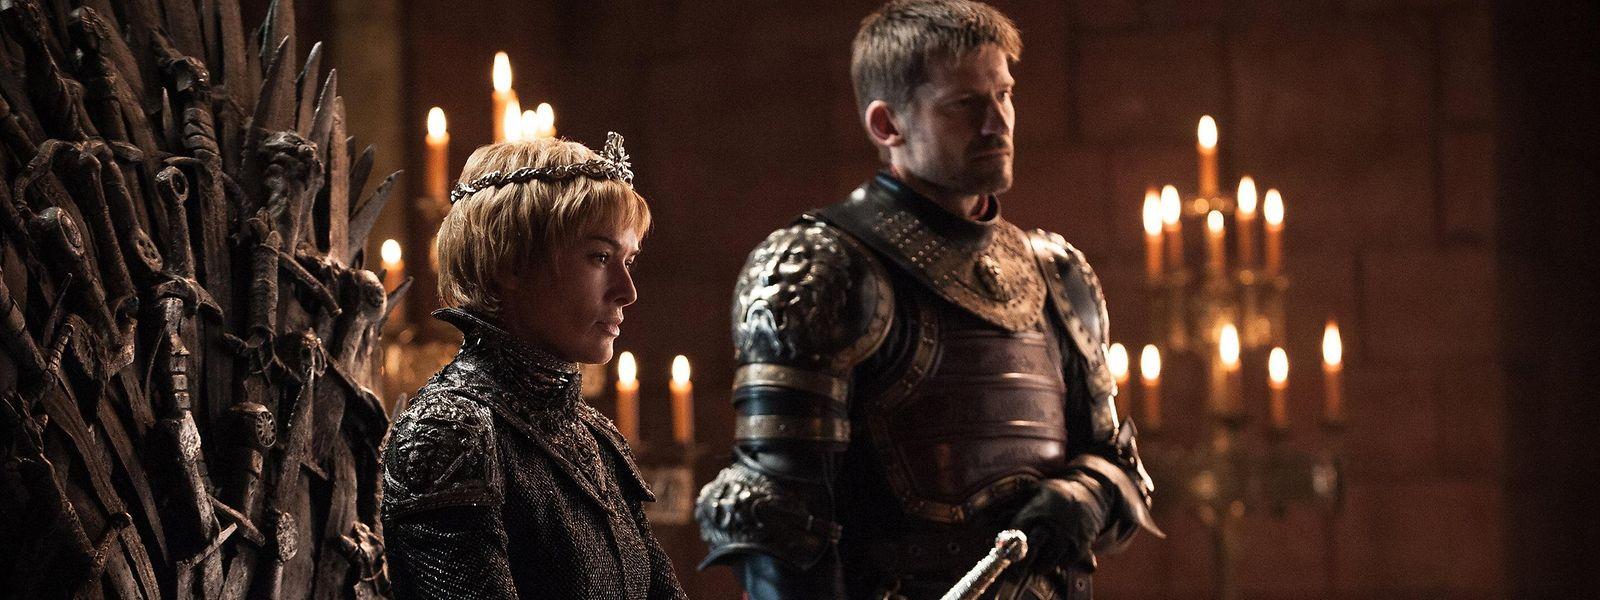 Königin Cersei Lannister (l.) und die anderen Figuren der Hitserie ziehen Millionen Zuschauer in ihren Bann.